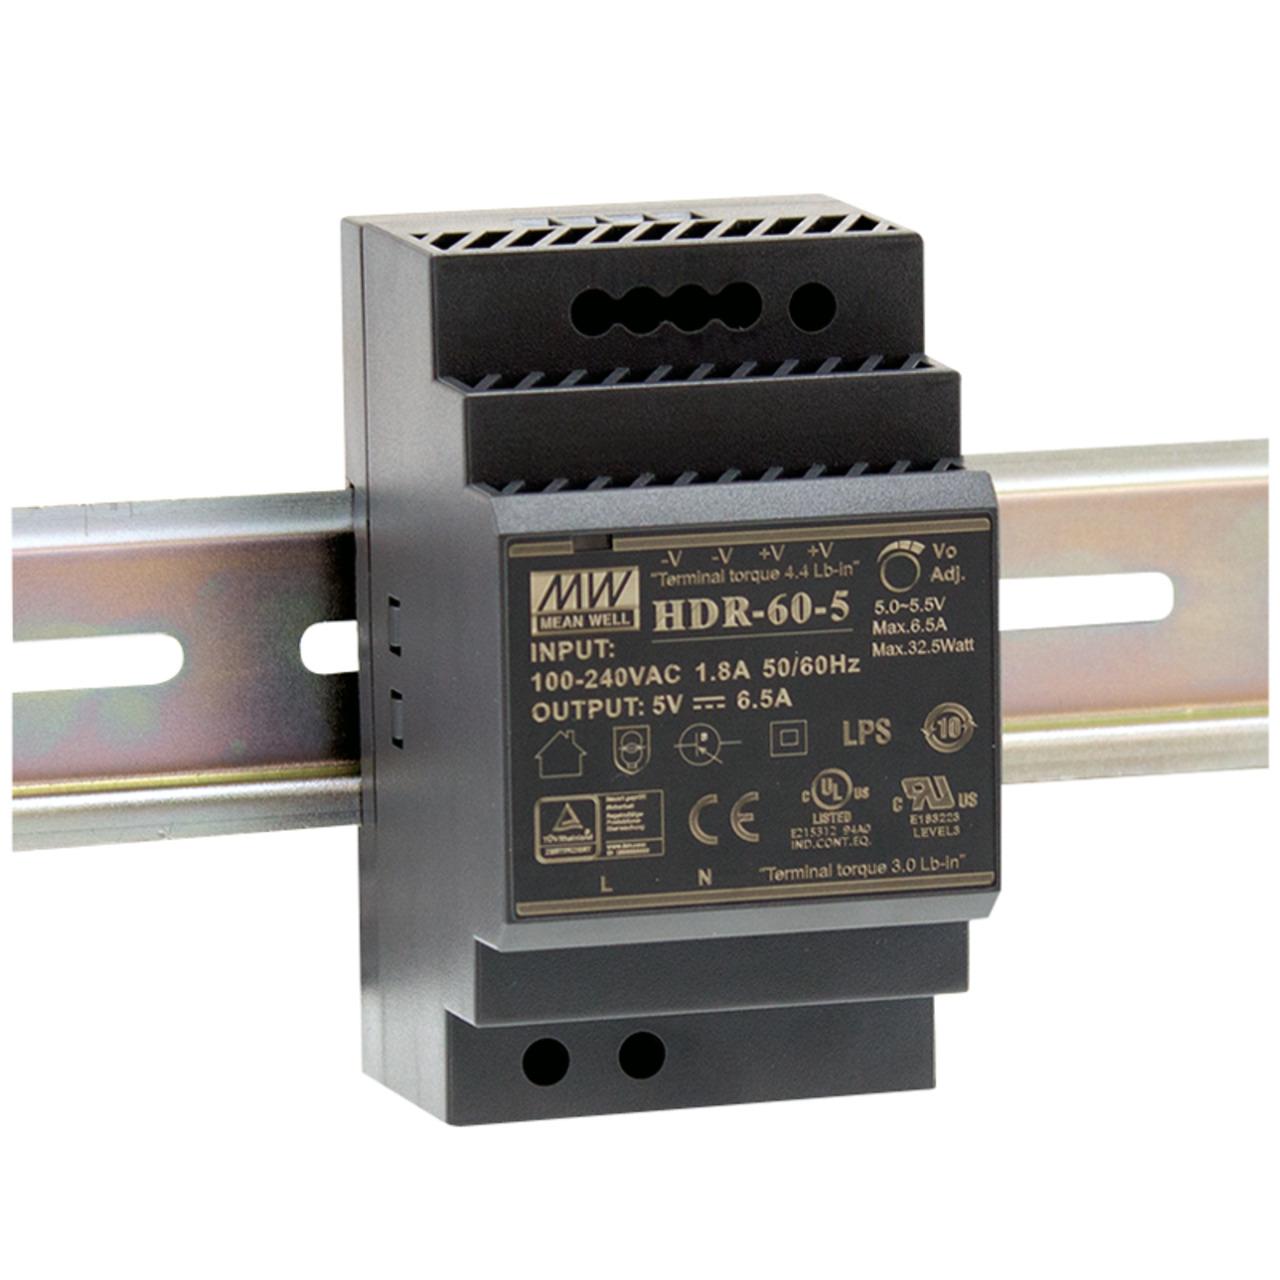 Mean Well Hutschienennetzteil 60 HDR-60-12 12 V- 4-5 A- 54 W- fund-252 r Smart Home und Haussteuerung